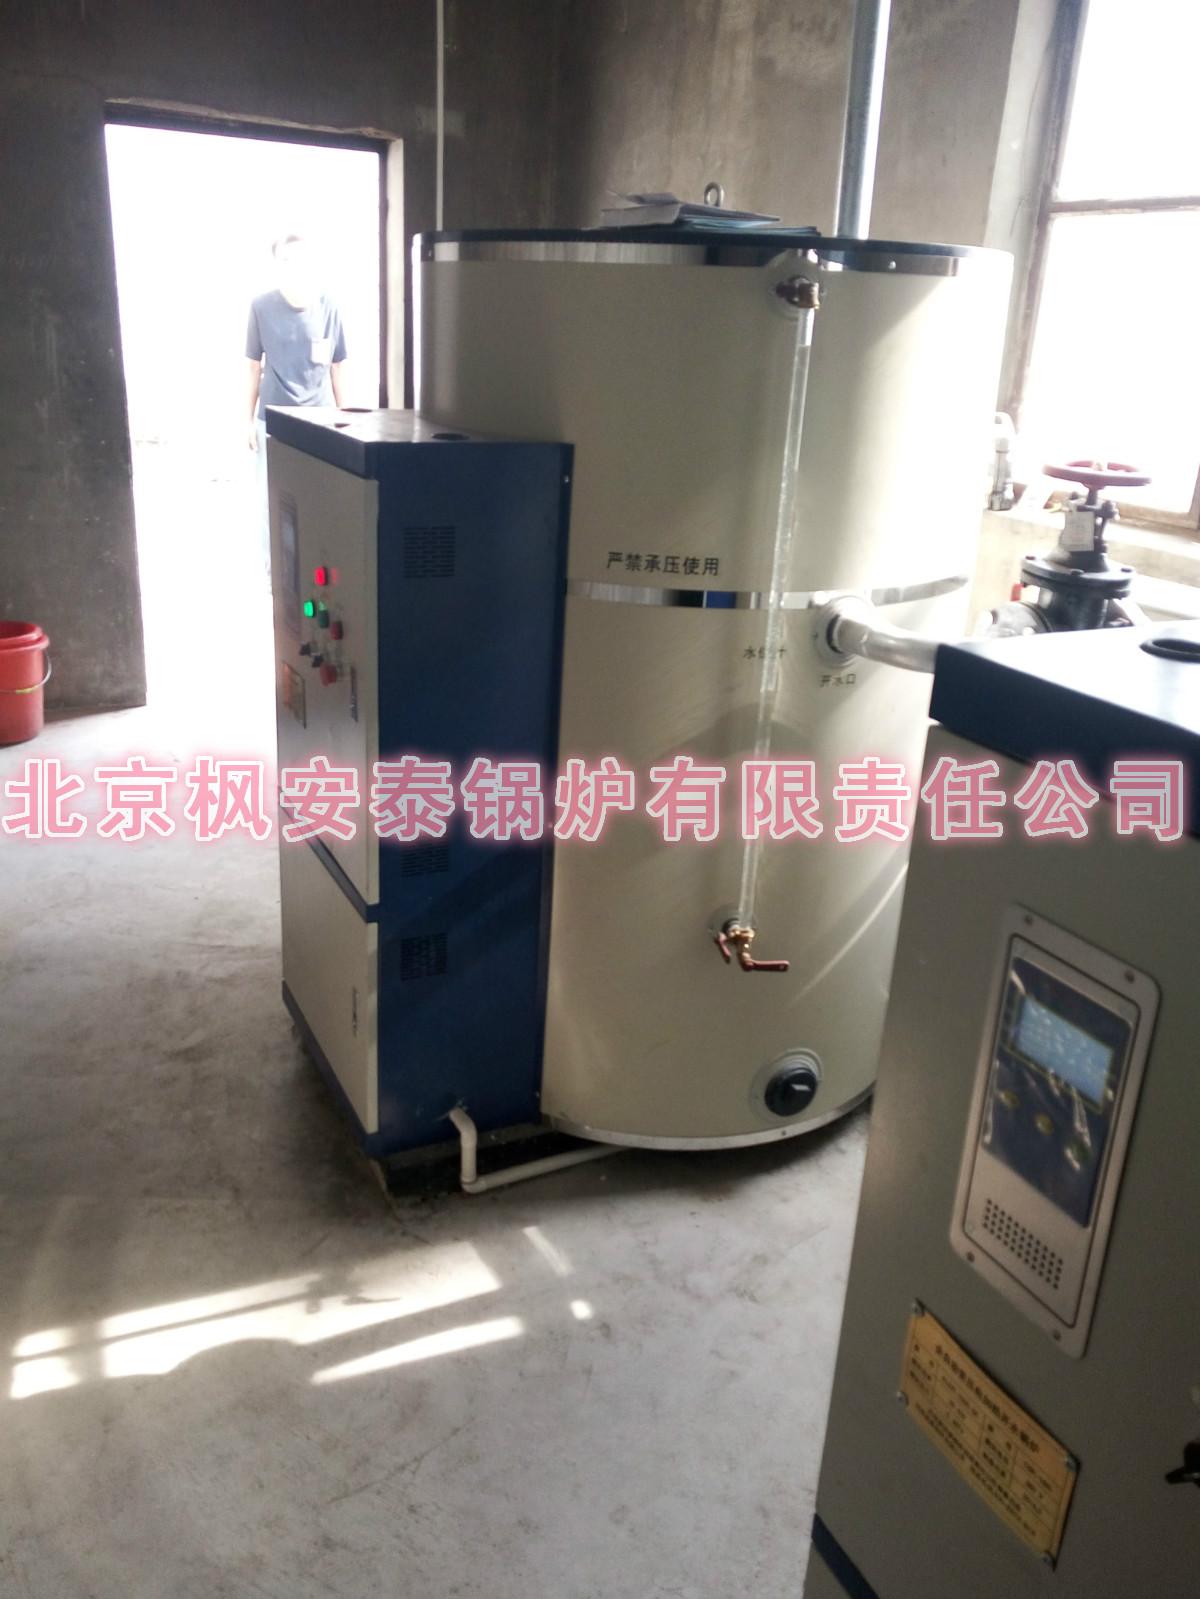 电开水锅炉 电开水锅炉价格 北京电开水锅炉